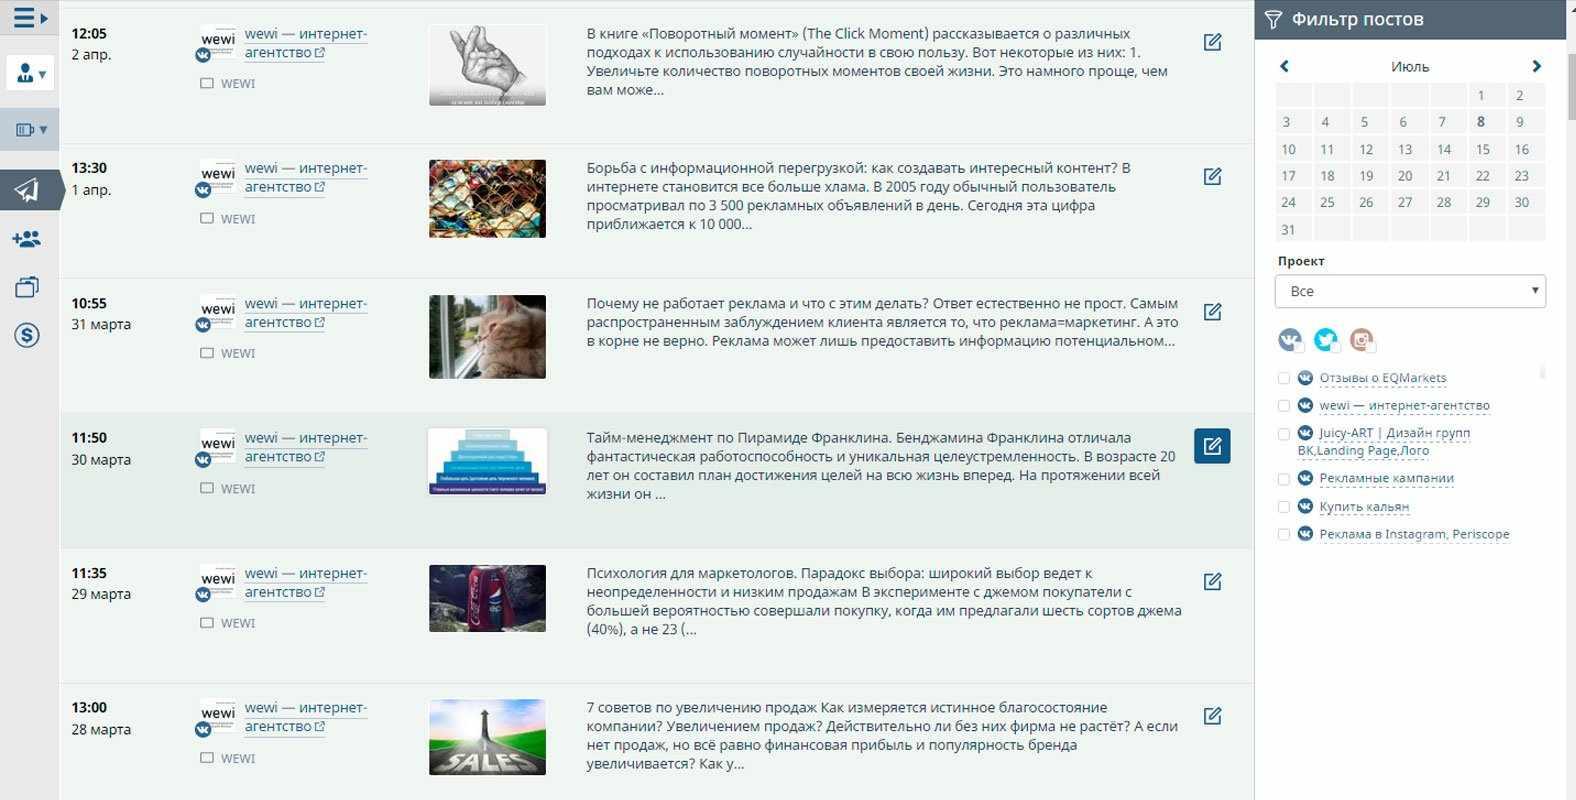 Отложенные публикации Вконтакте